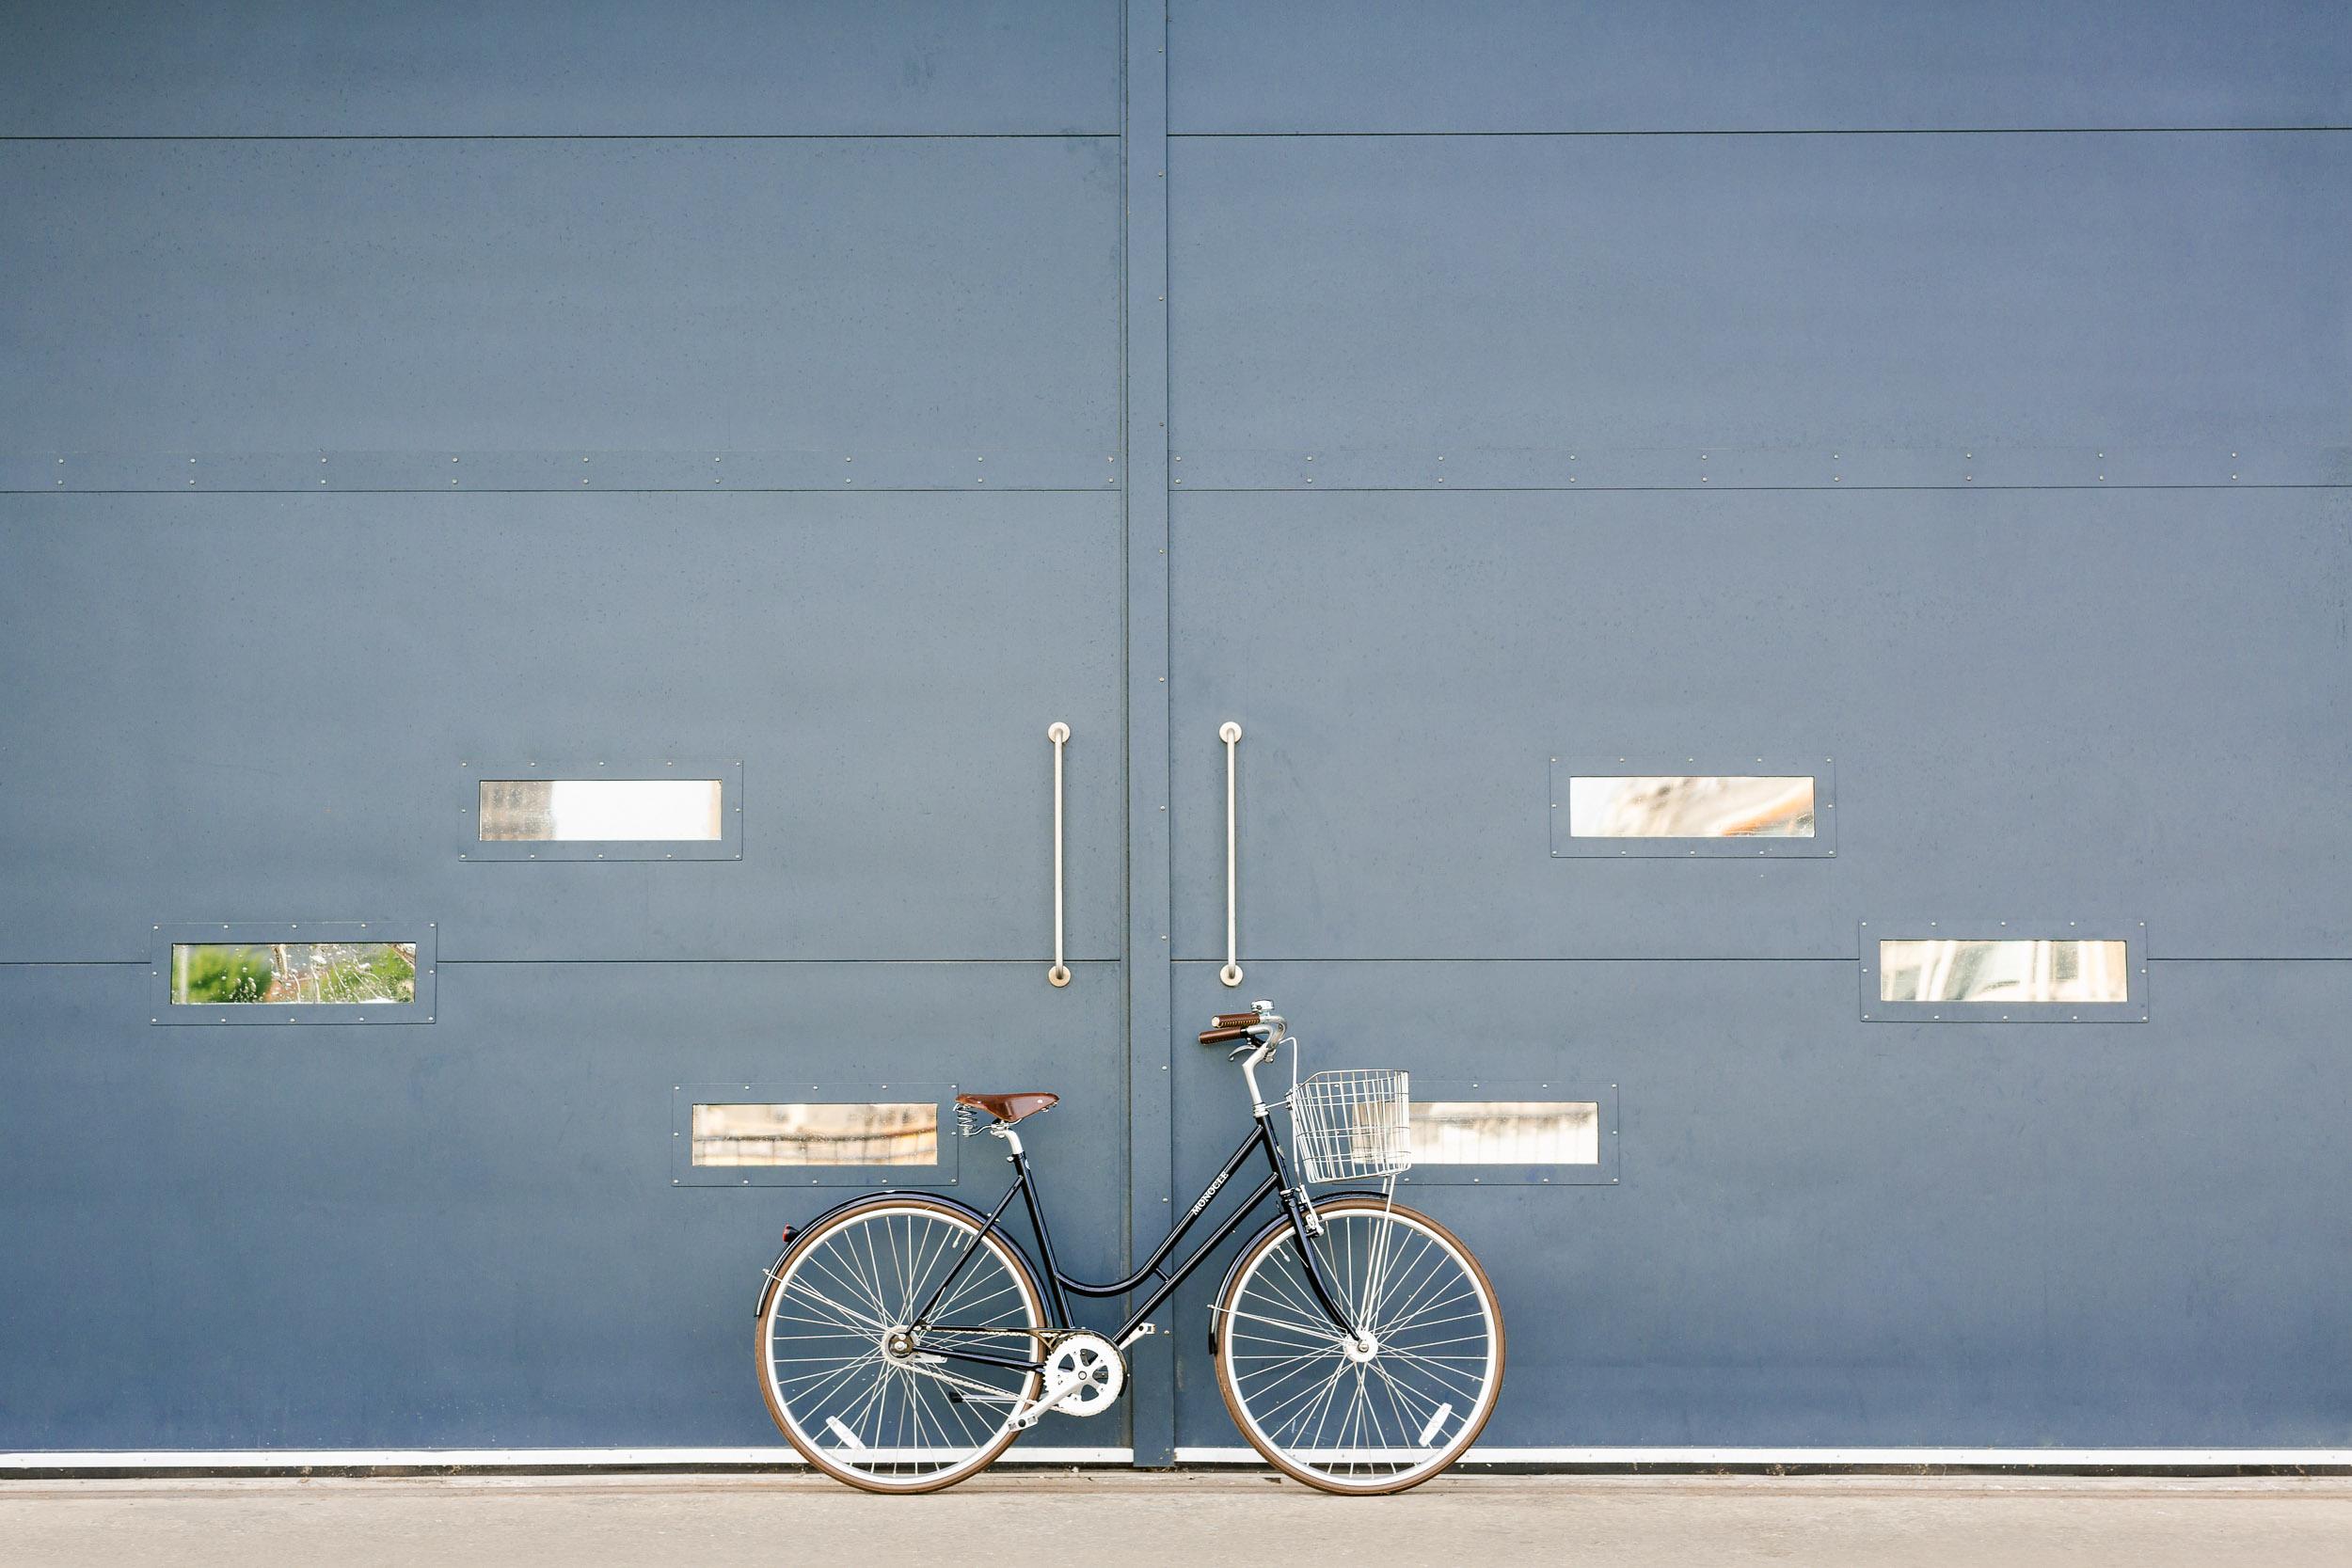 Cereal_Magazine-Bristol-Bike-Finn_Beales-8.jpg